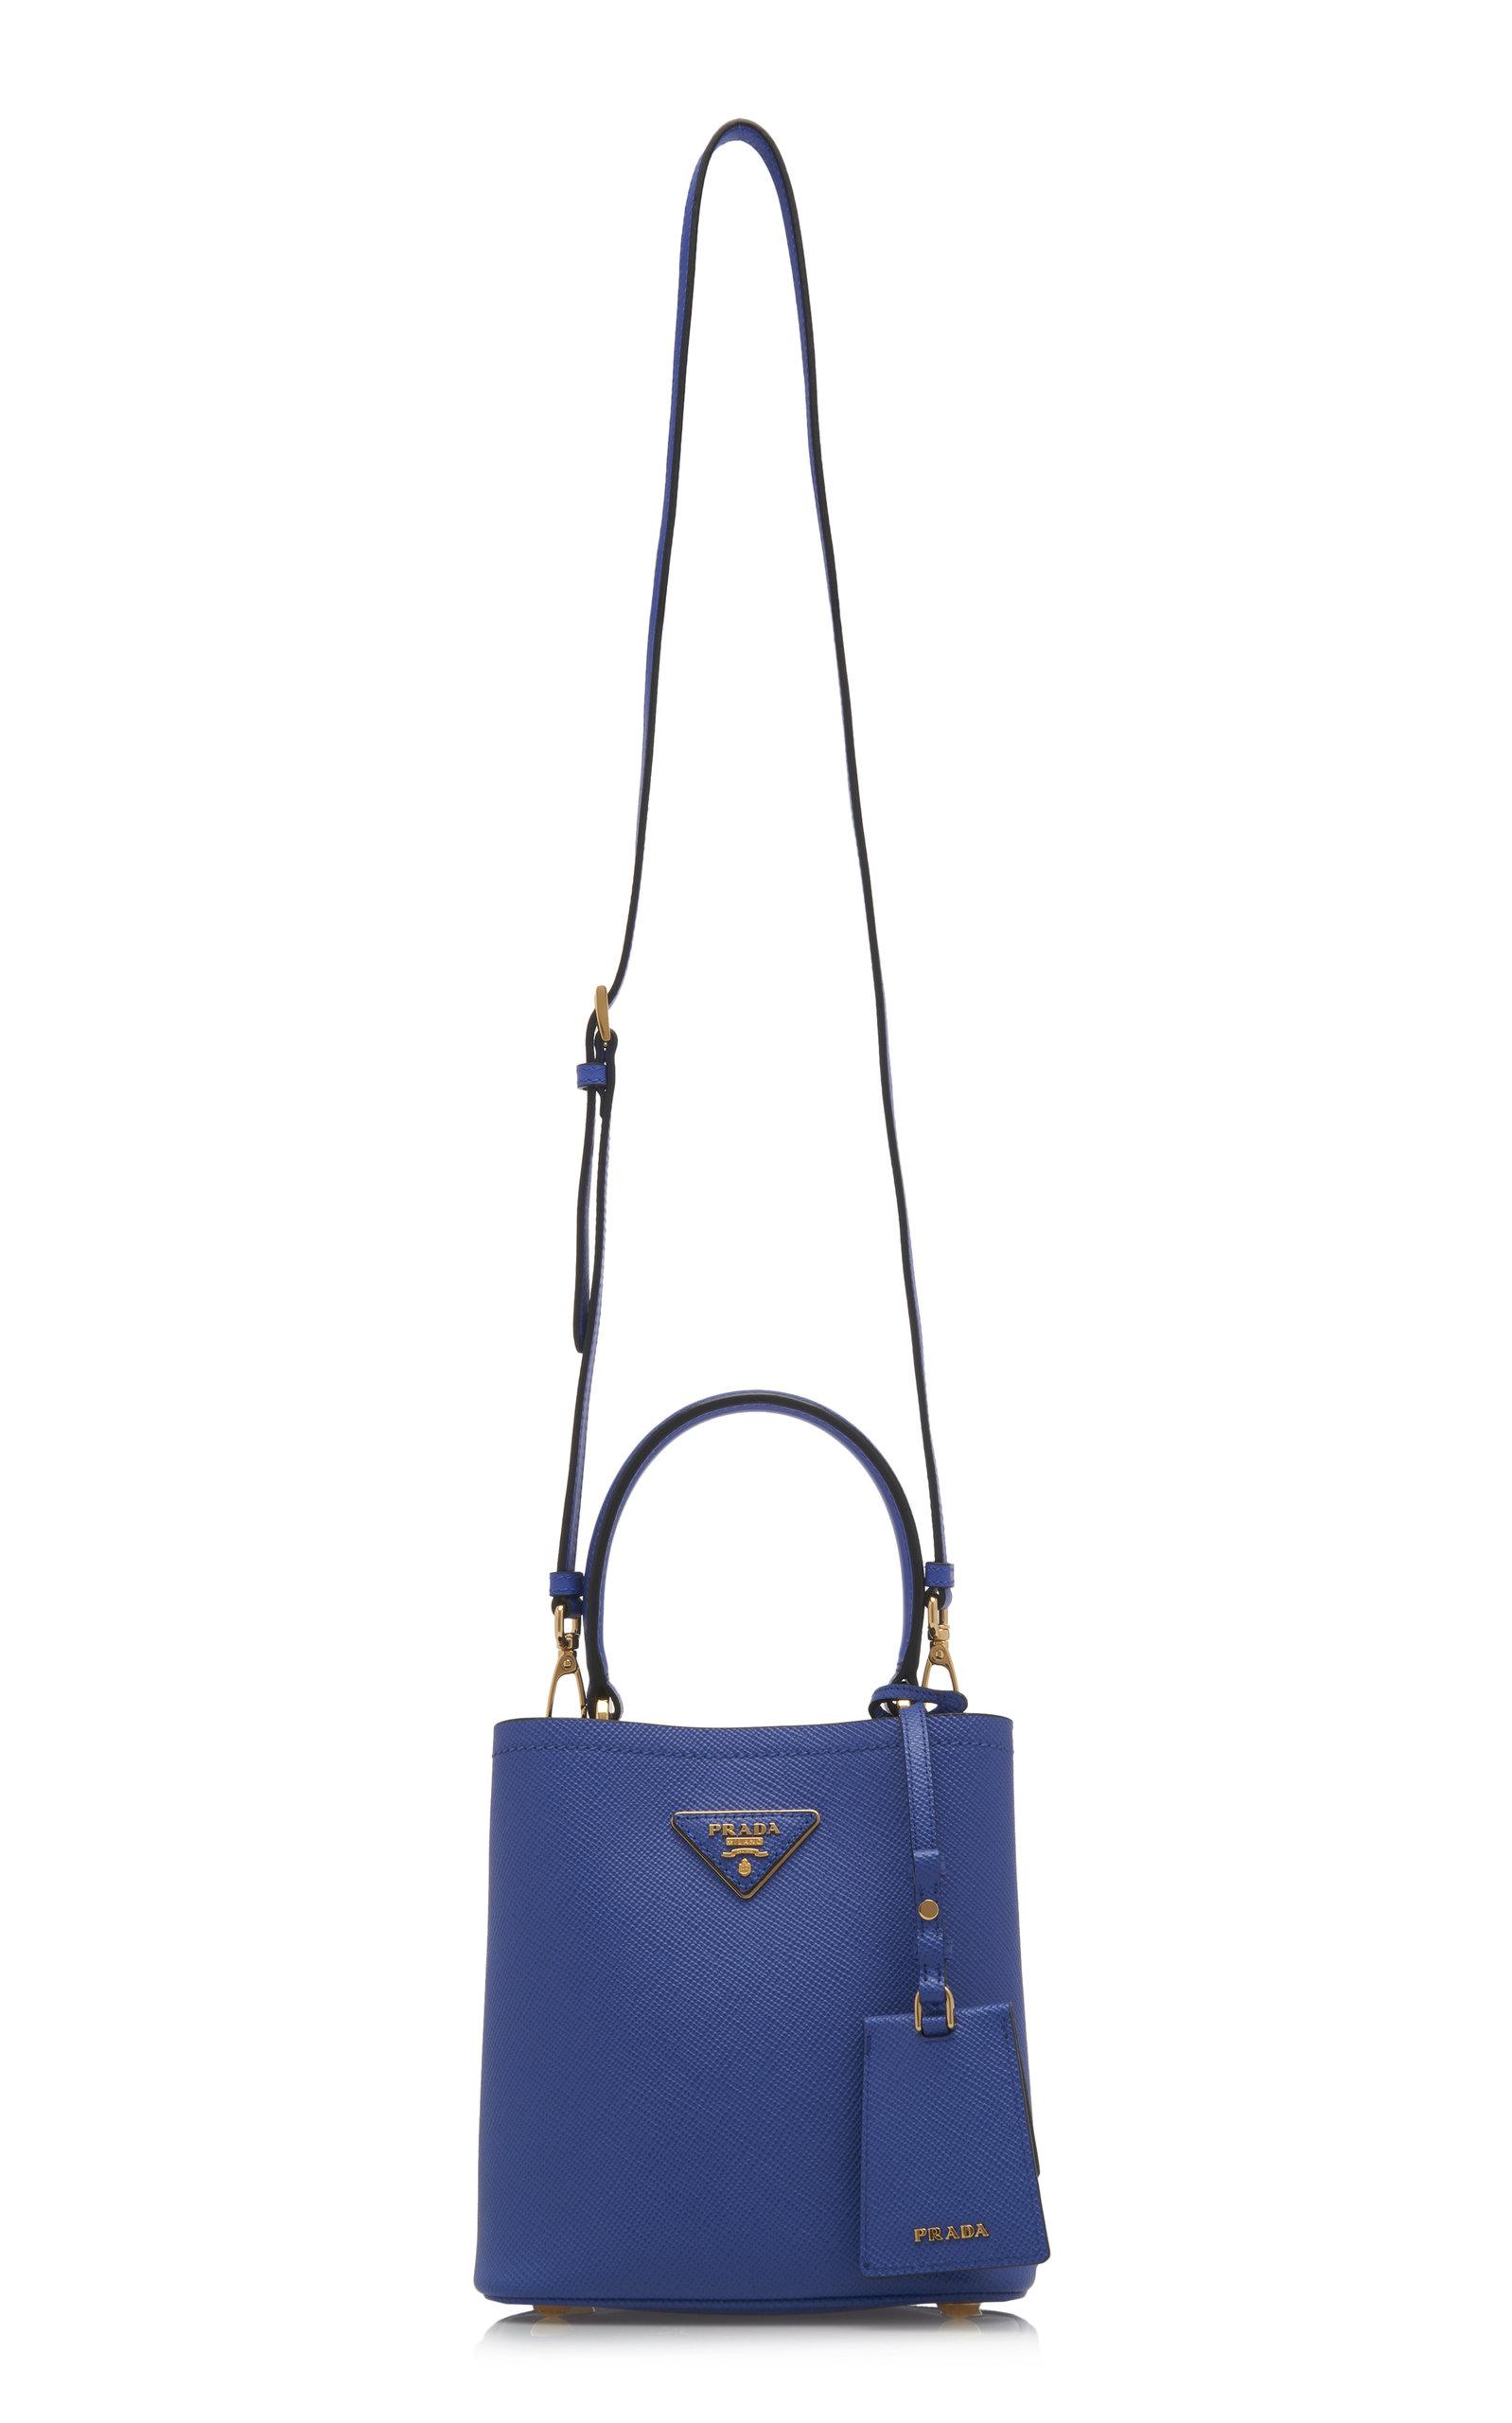 b0e81c3a23e7ab PradaSmall Saffiano Leather Double Bucket Bag. CLOSE. Loading. Loading